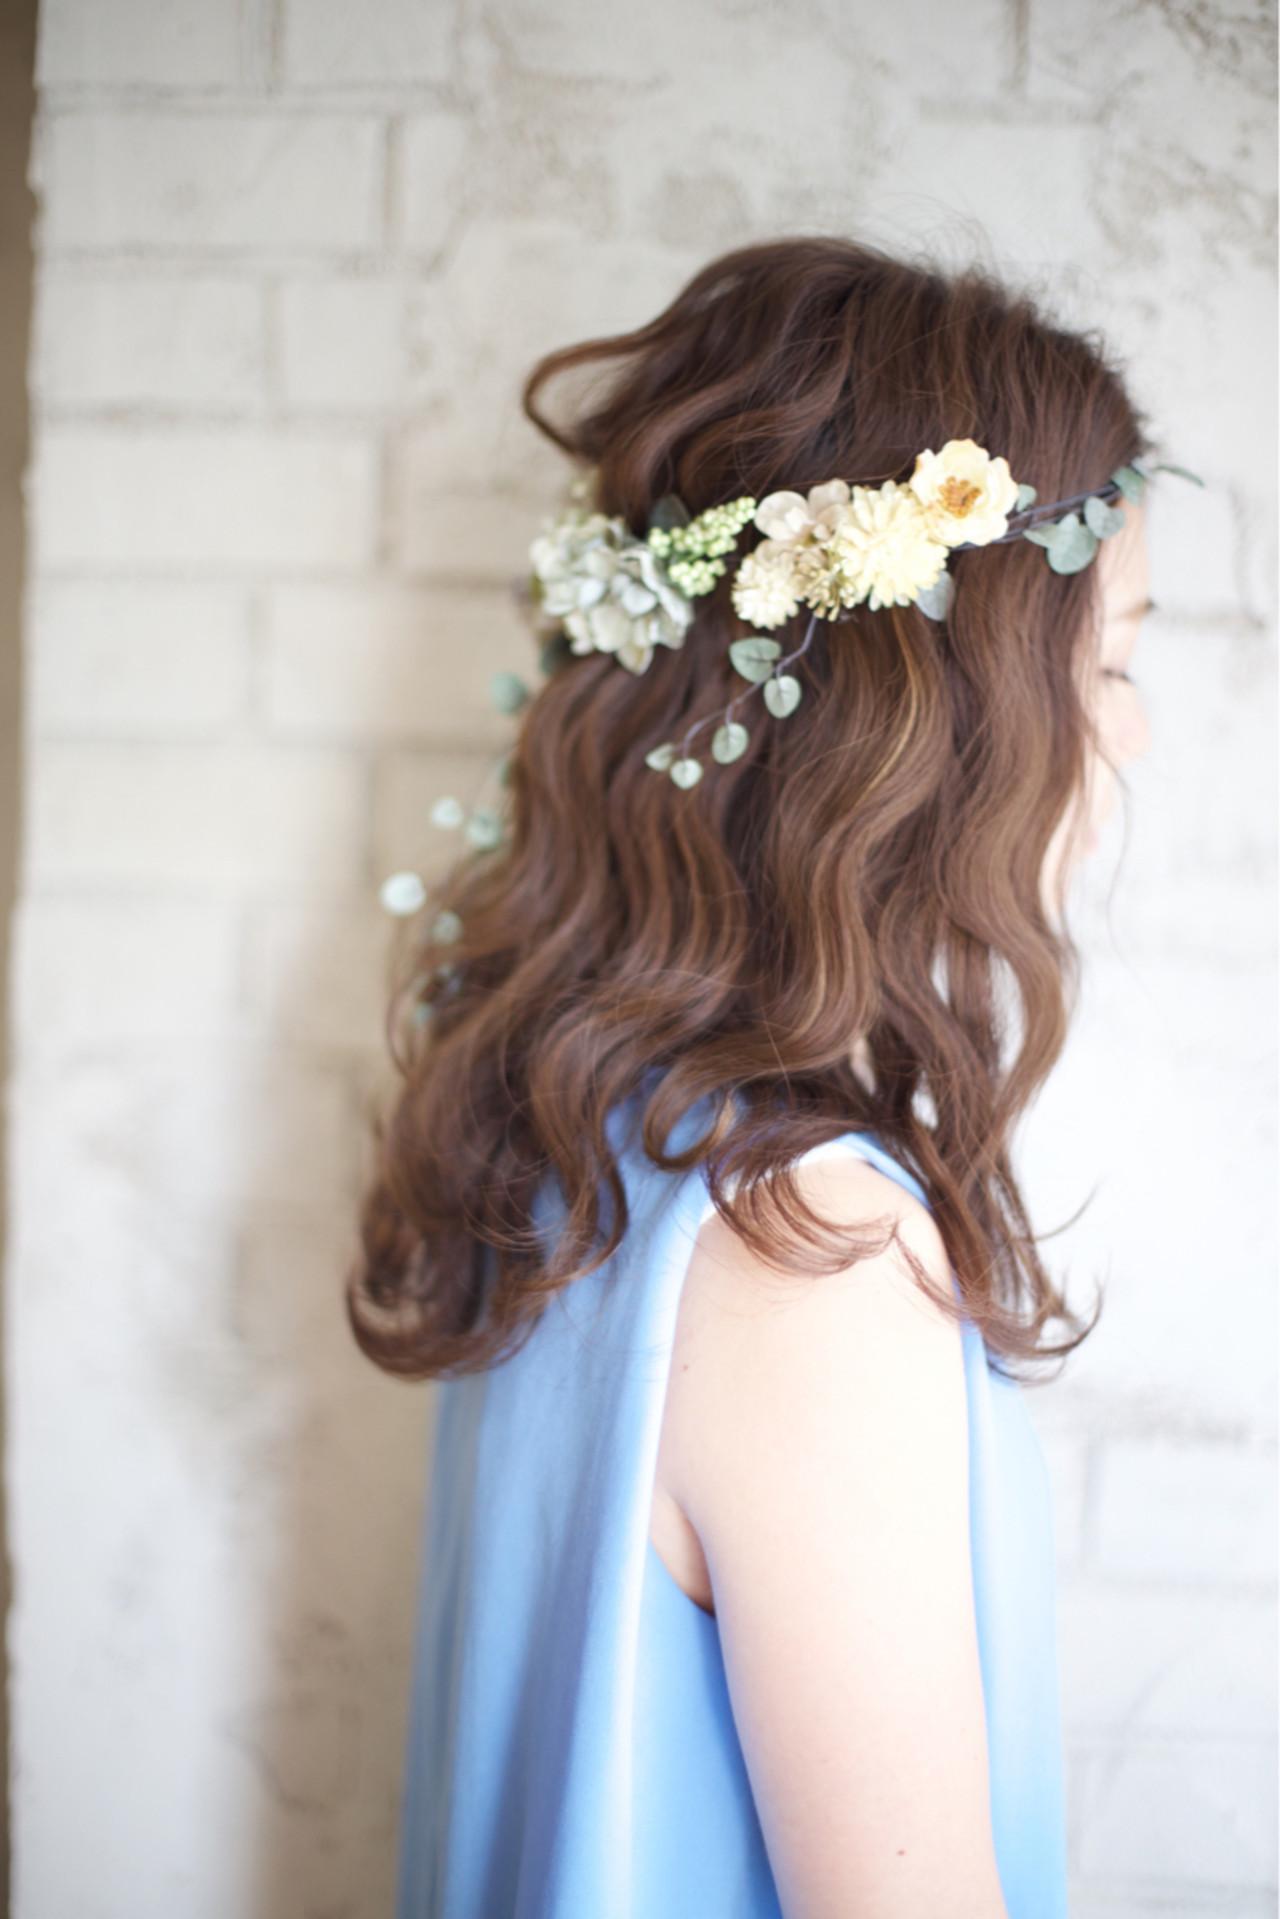 ヘアアレンジ 結婚式 花嫁 花 ヘアスタイルや髪型の写真・画像